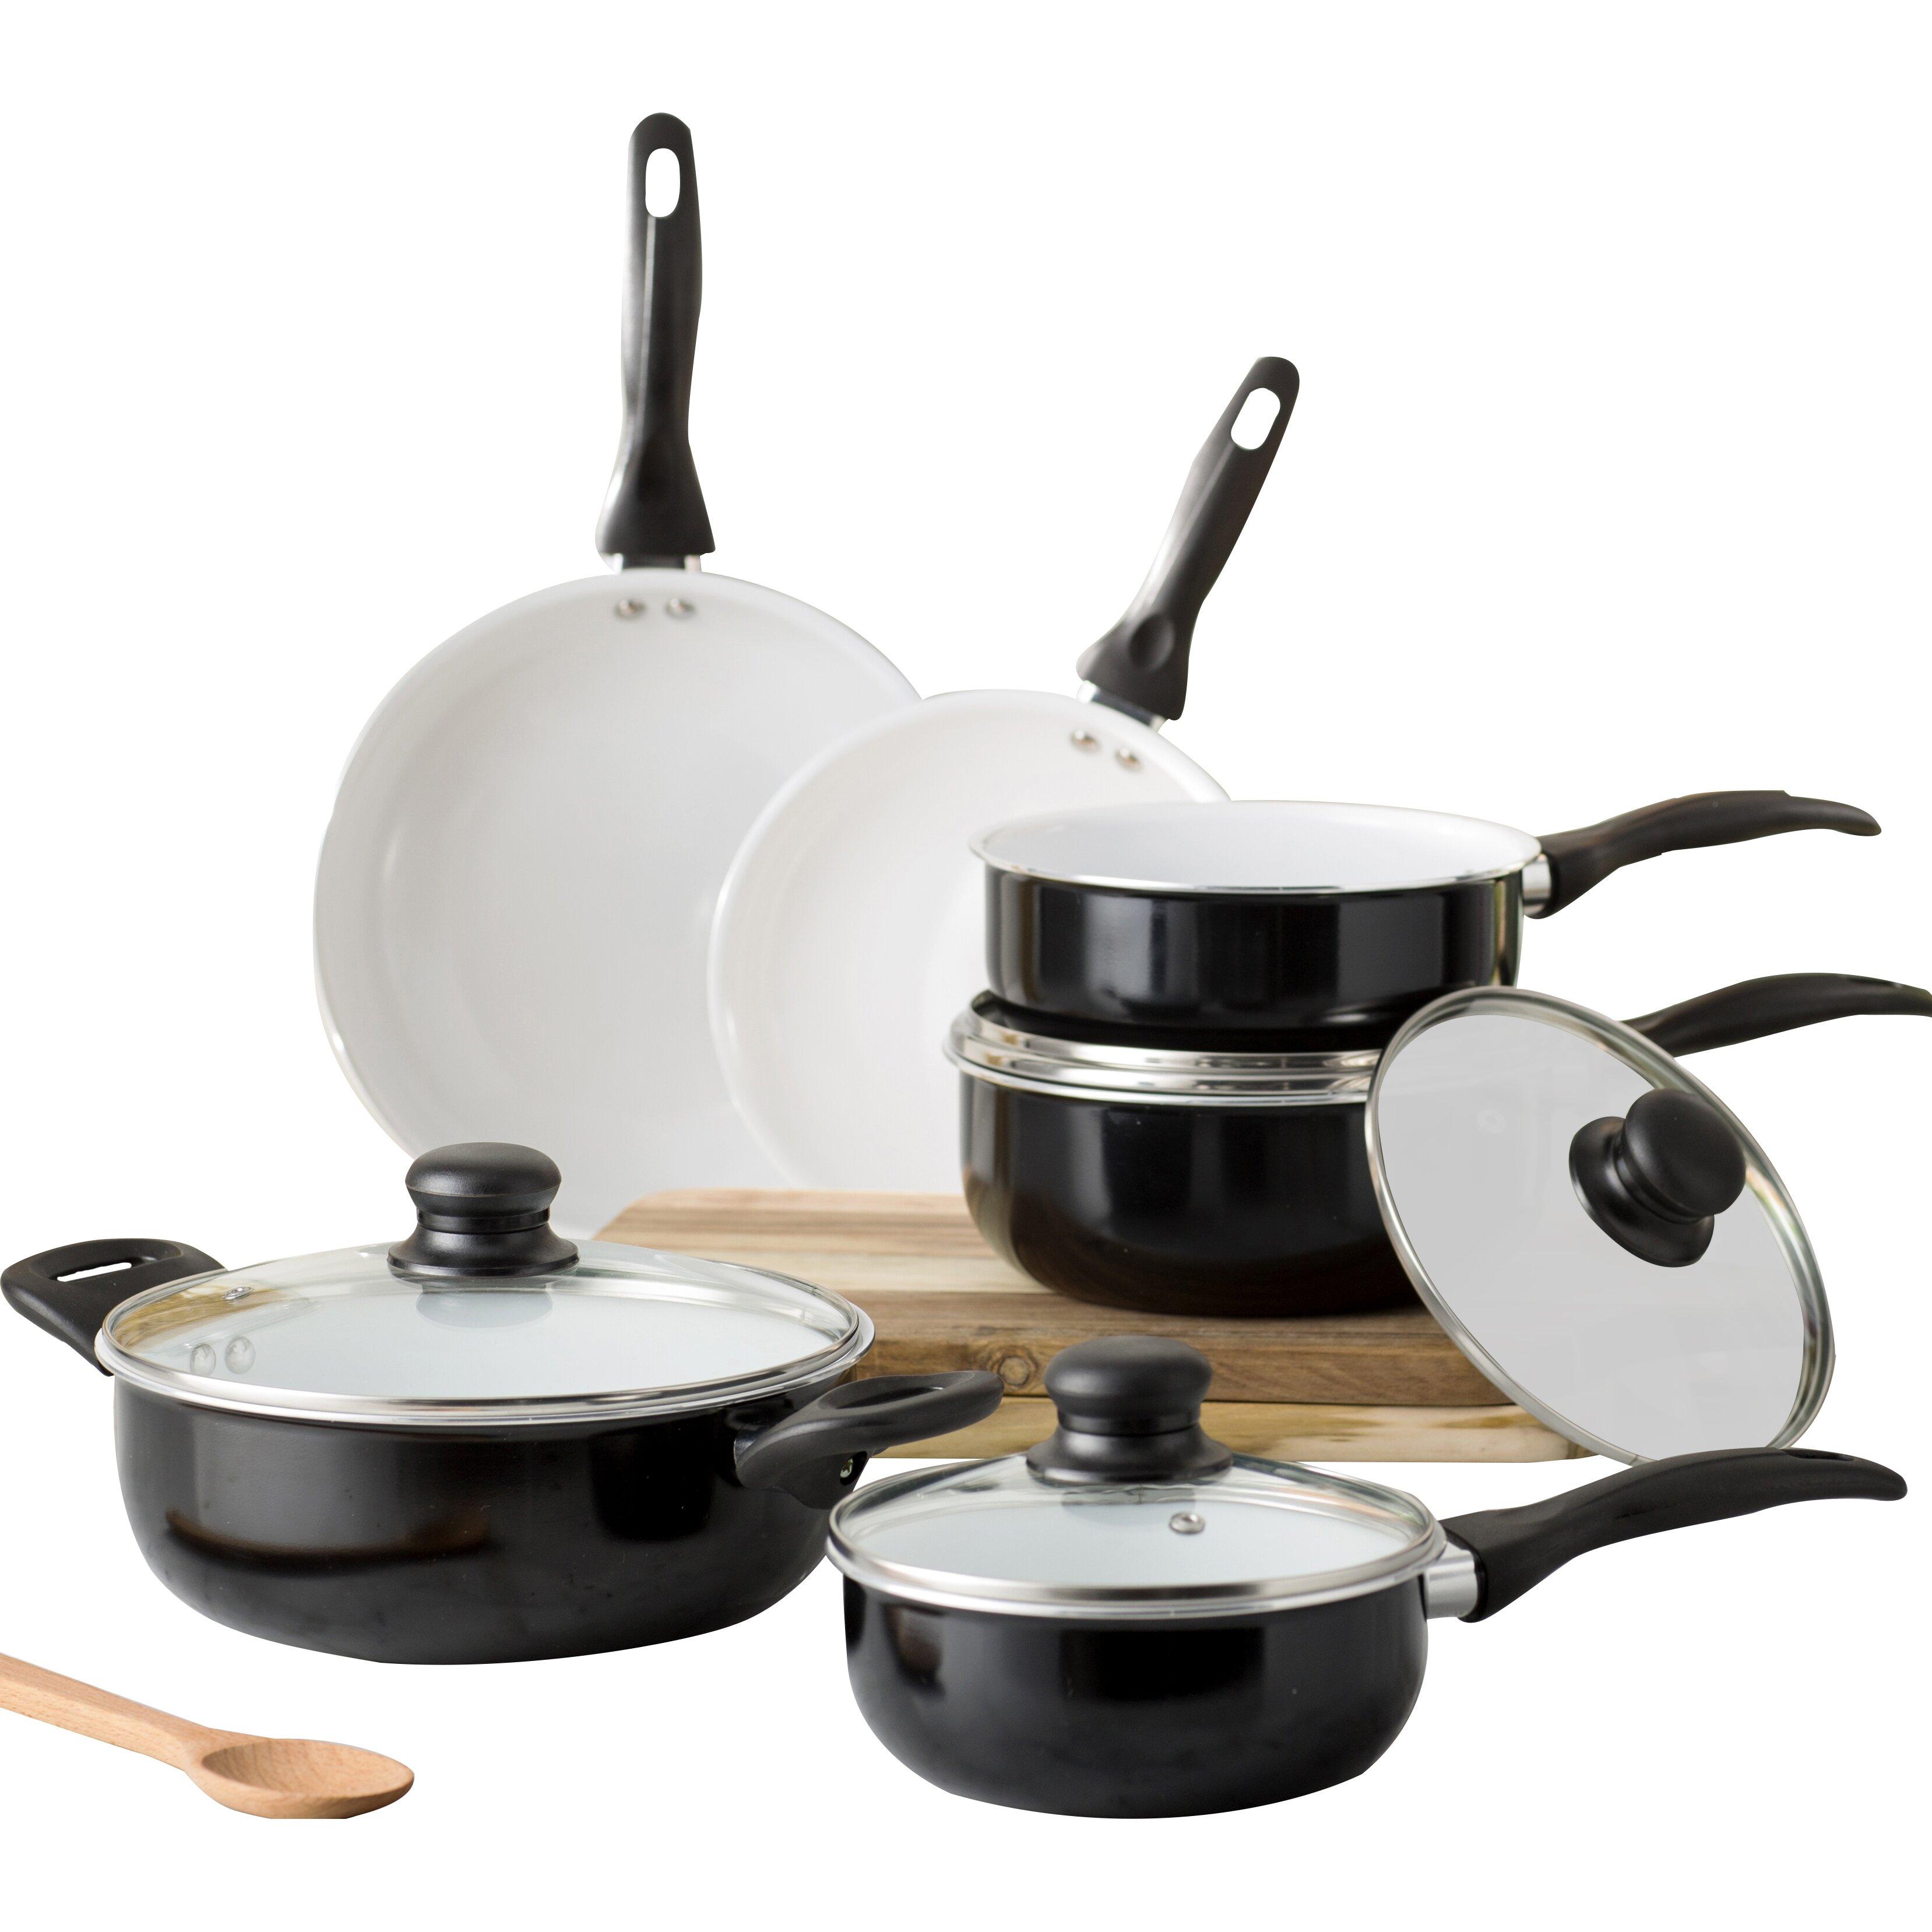 Wayfair basics wayfair basics 10 piece non stick ceramic for Kitchen set non stick